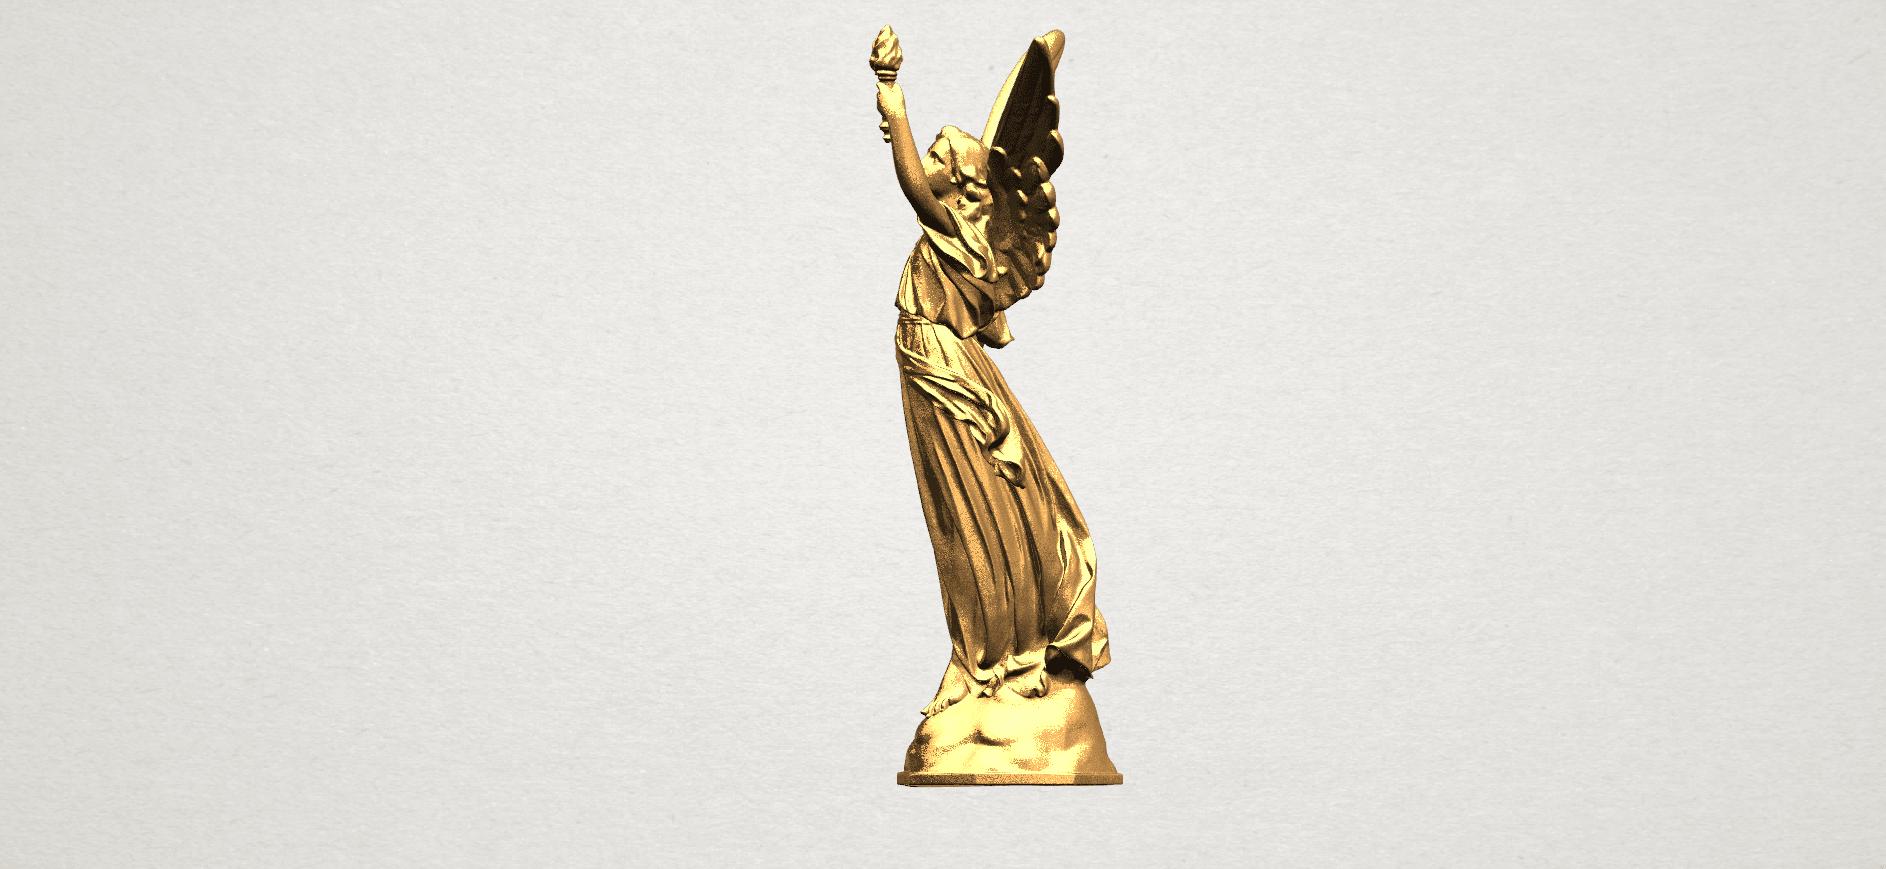 Statue 01 - A03.png Télécharger fichier STL gratuit Statue 01 • Design à imprimer en 3D, GeorgesNikkei